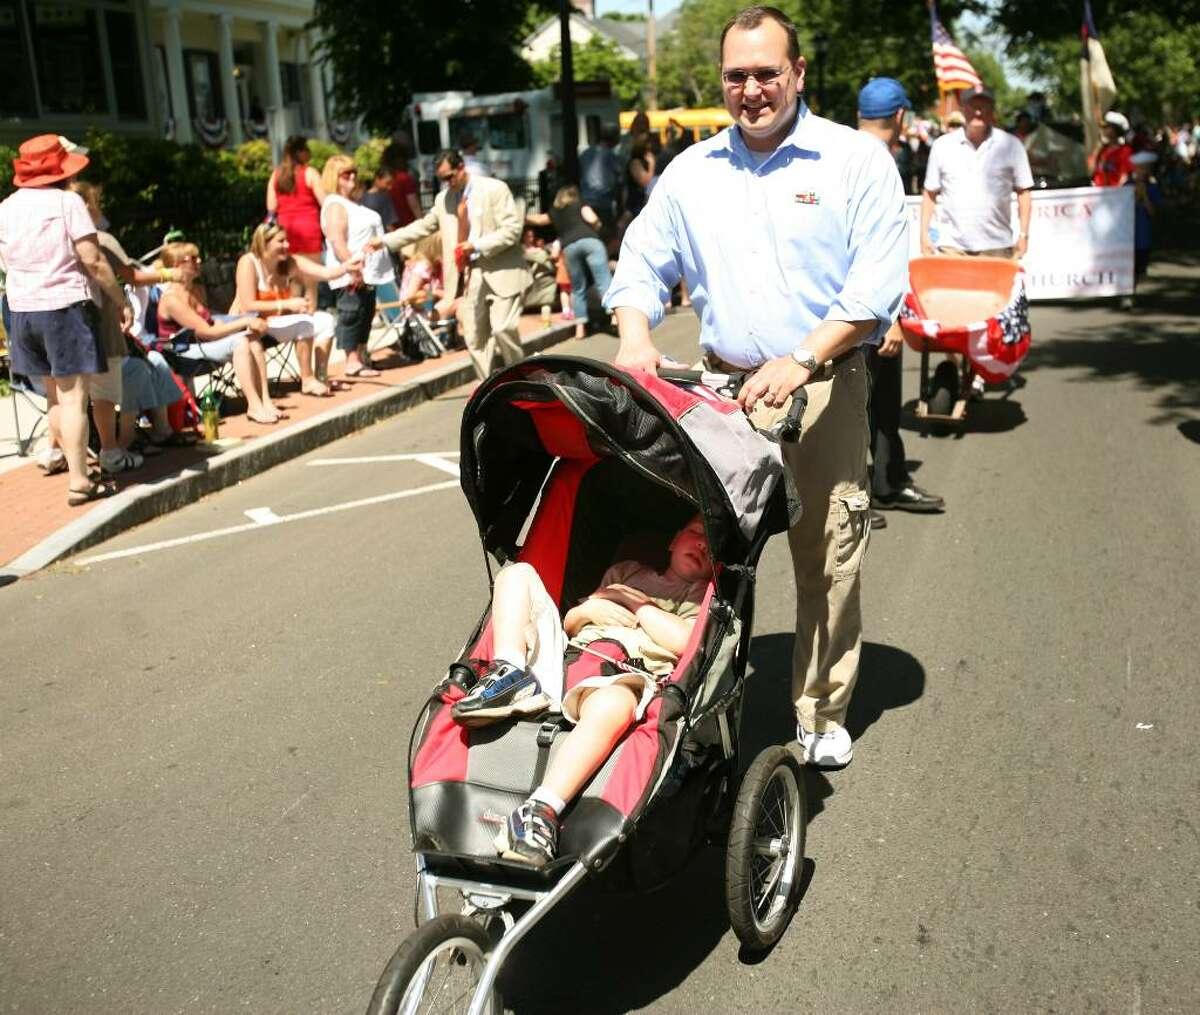 Milford Memorial Day Parade, Sunday, May 30, 2010.